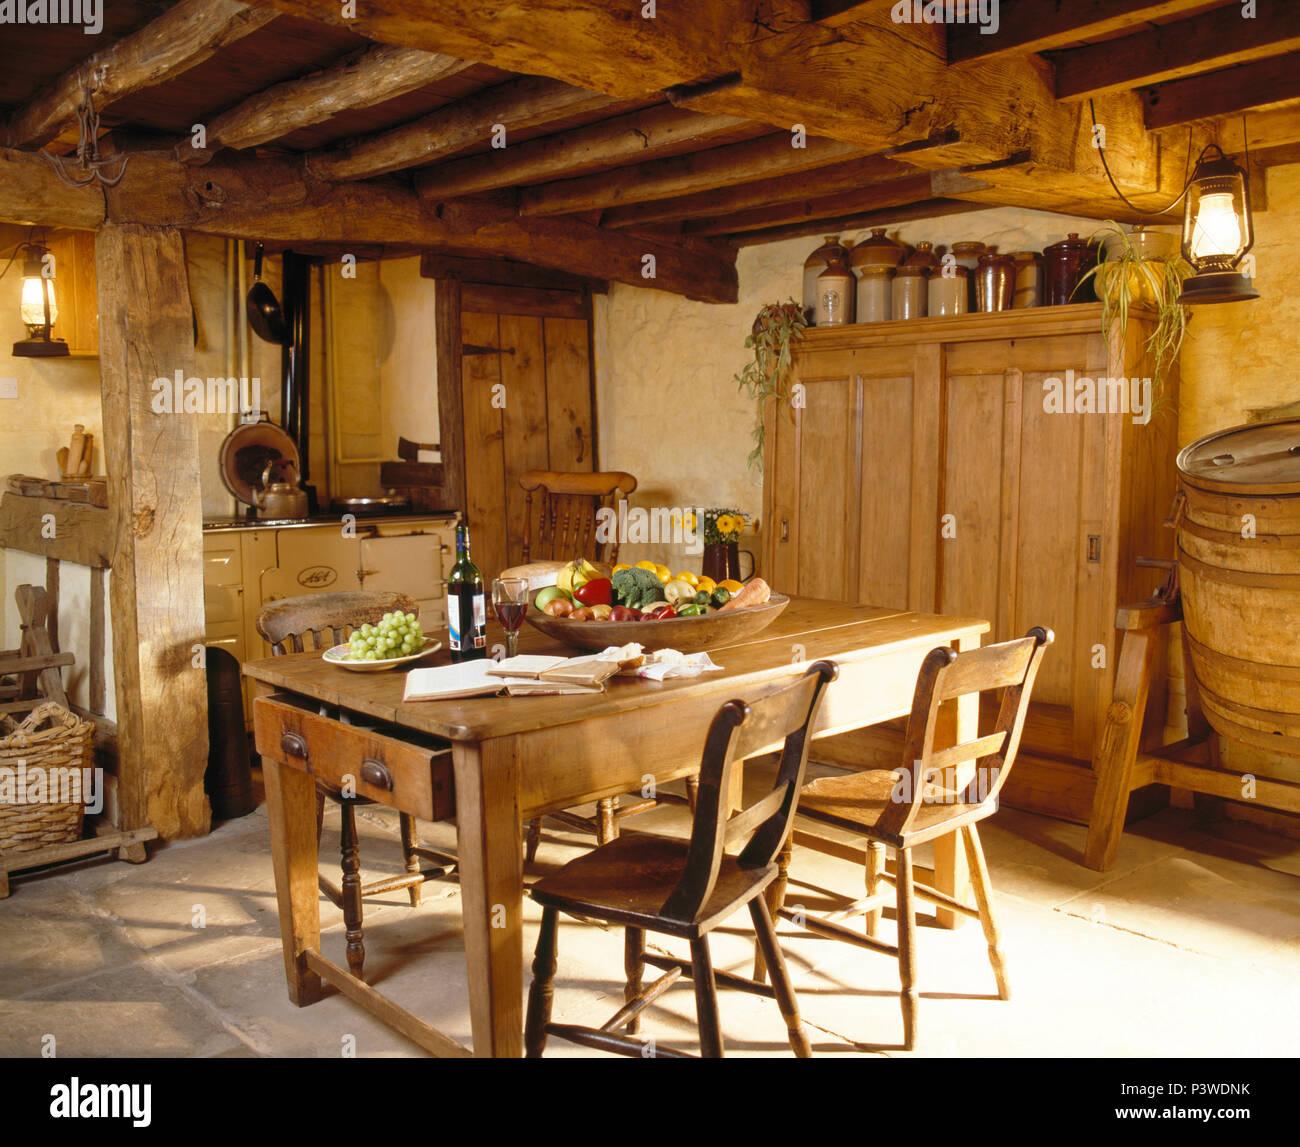 Wunderbar Kiefer Tisch Und Stühle In Den Niedrigen Decken, Strahlte Cottage .